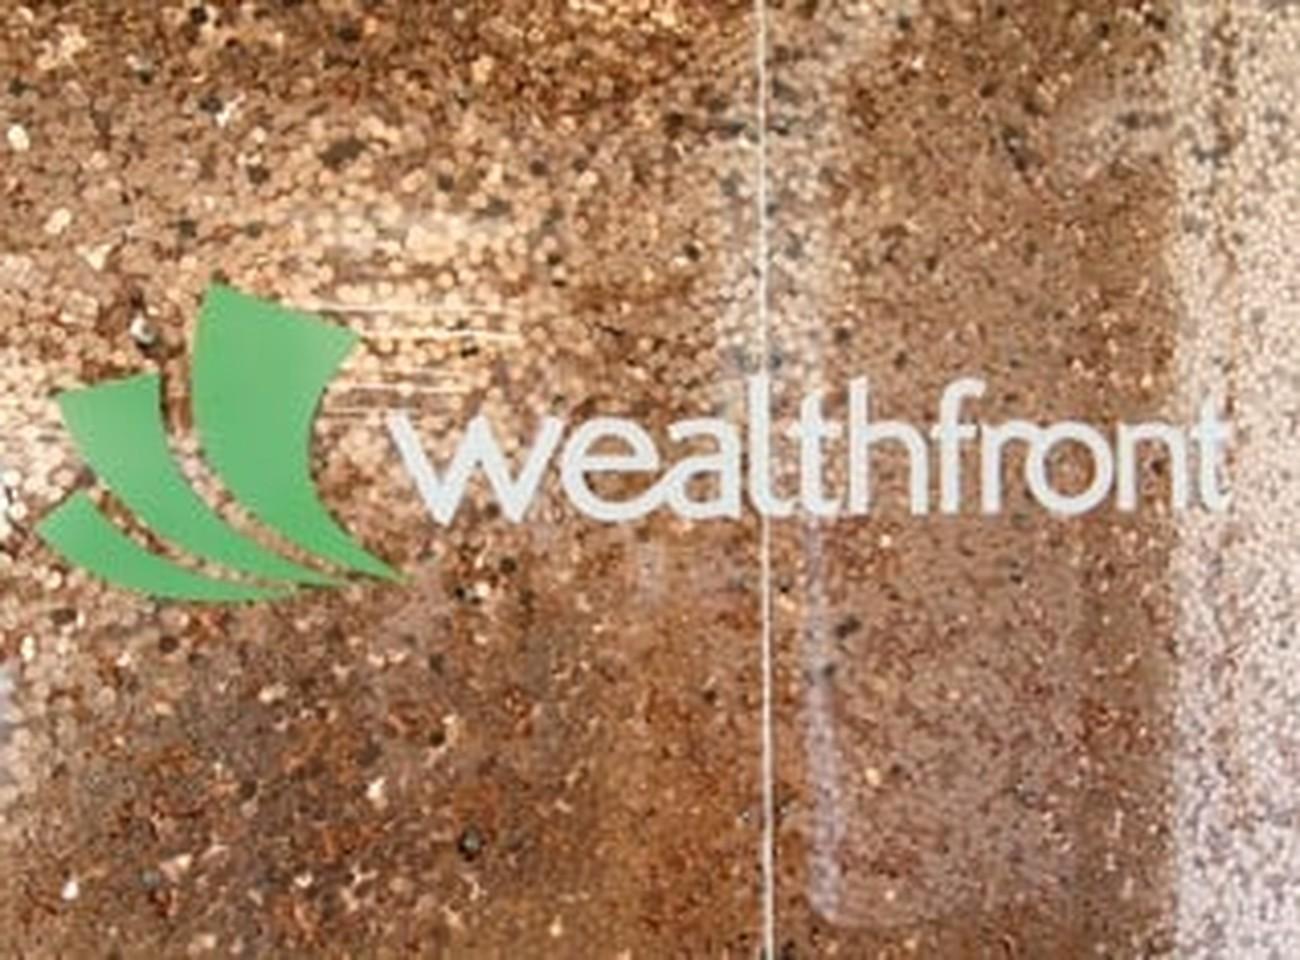 Wealthfront Careers